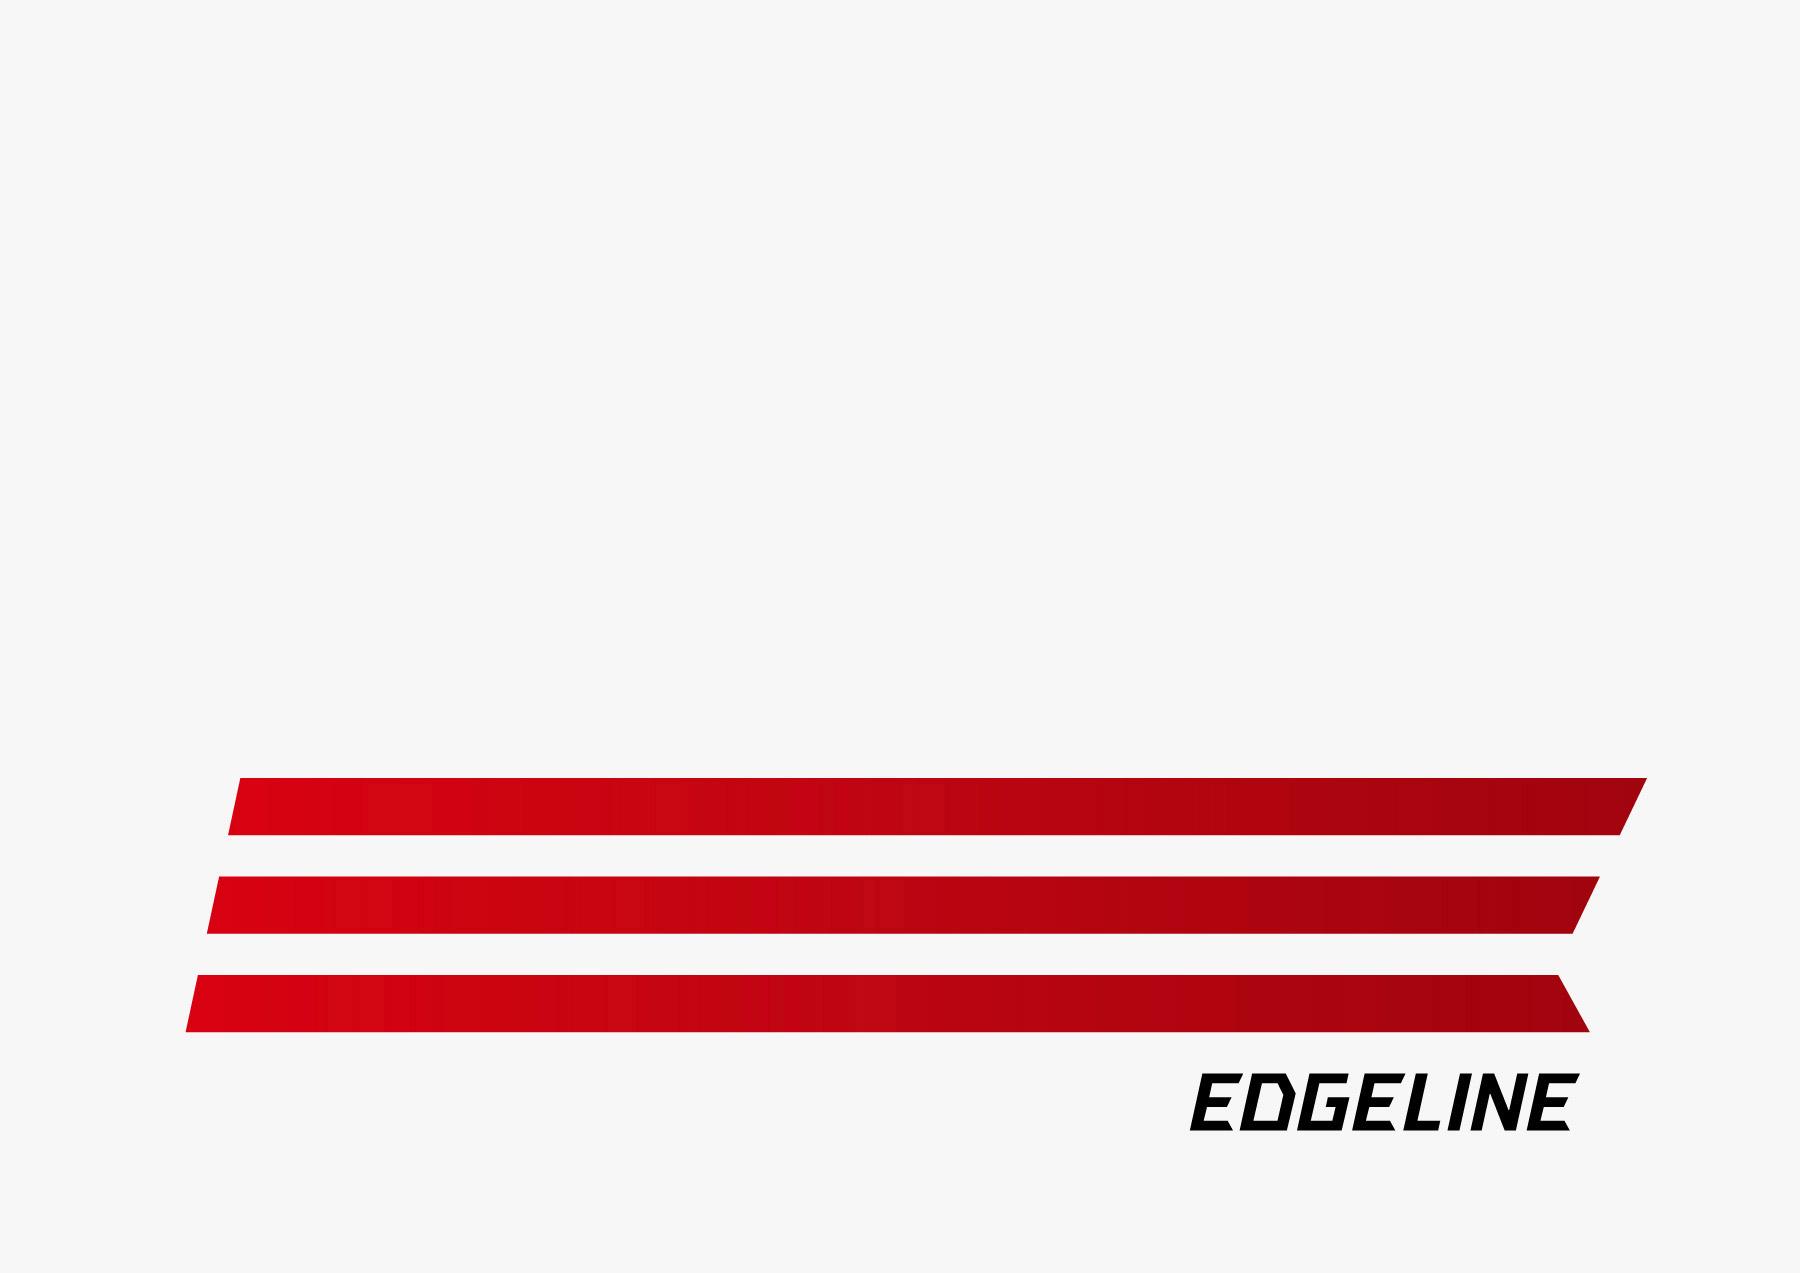 edgeline2